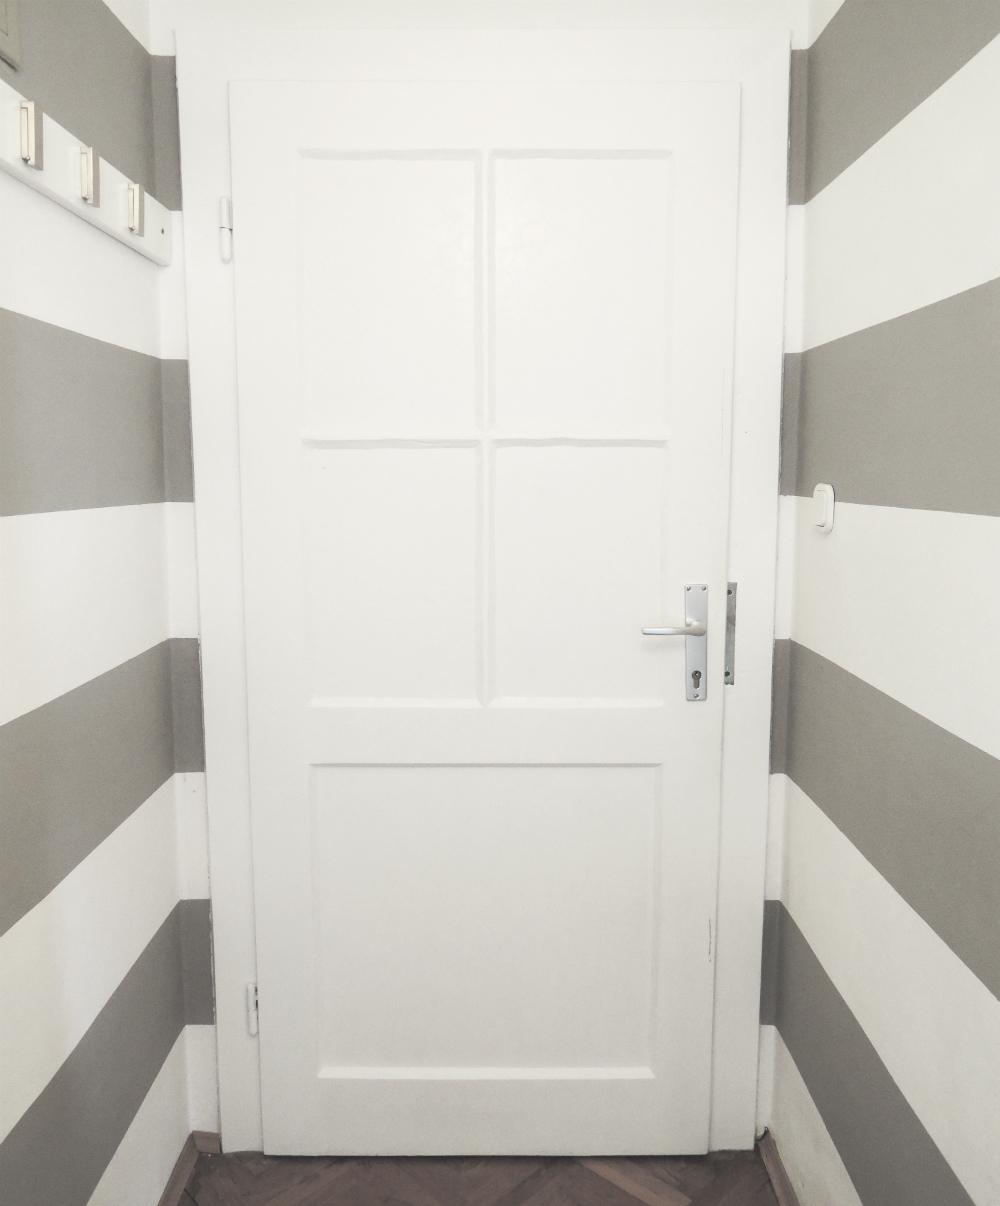 2 the door